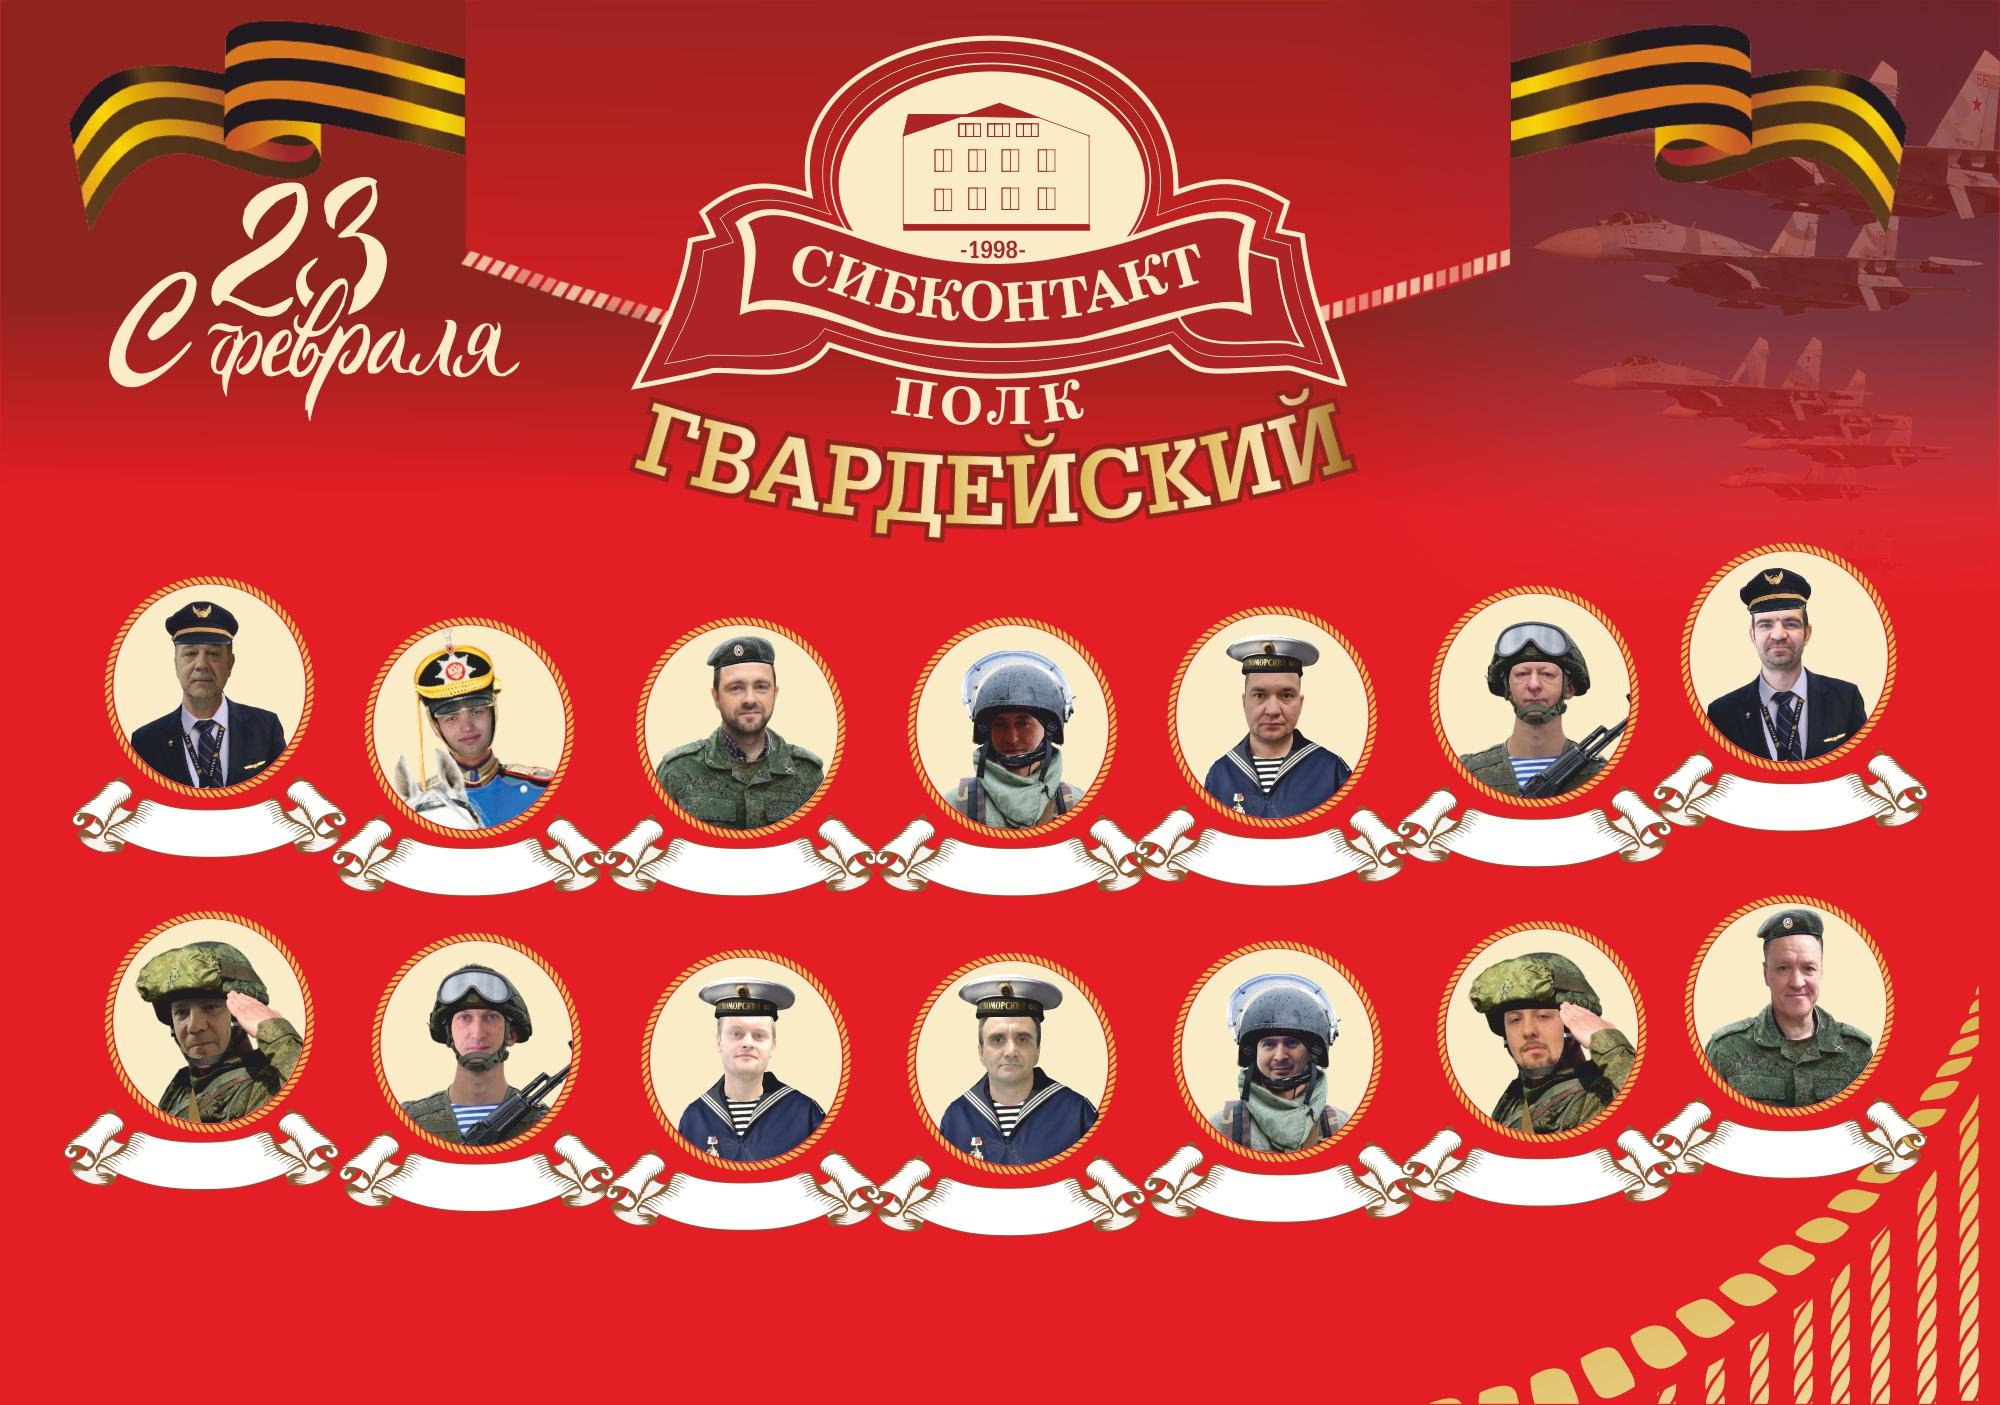 В компании «Сибконтакт» работают очень кретивные люди